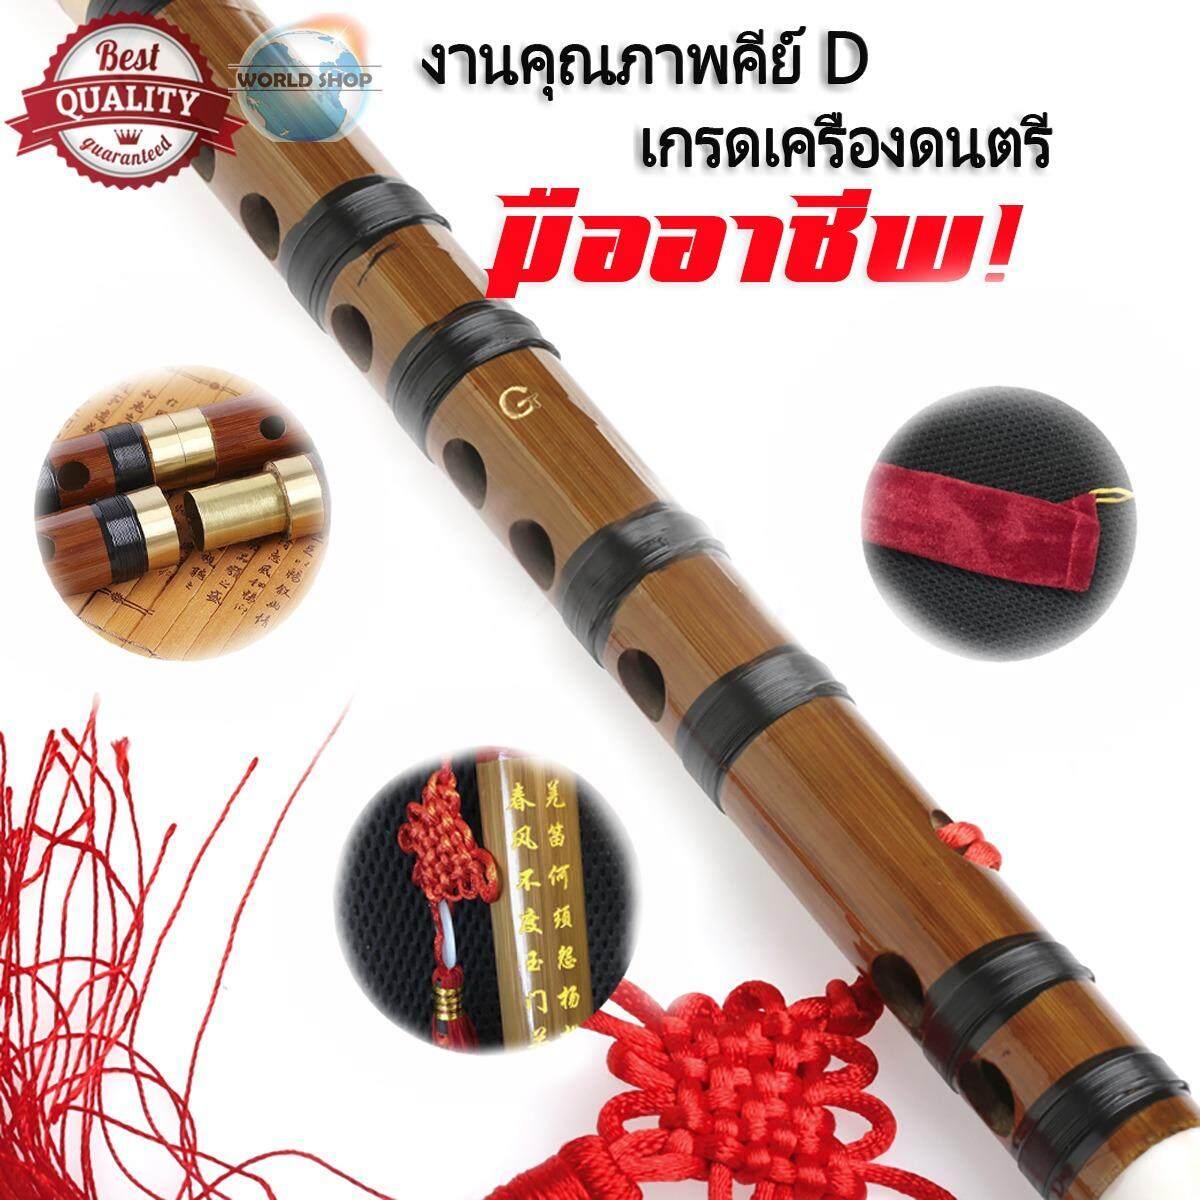 ส่วนลด สินค้า ขลุ่ยไม้ไผ่จีน คีย์ D ขลุ่ย คุณภาพเสียงไพเราะ ช่วยให้การเป่าขลุ่ยดีเยี่ยมยิ่งขึ้น Bamboo Flute In D Key